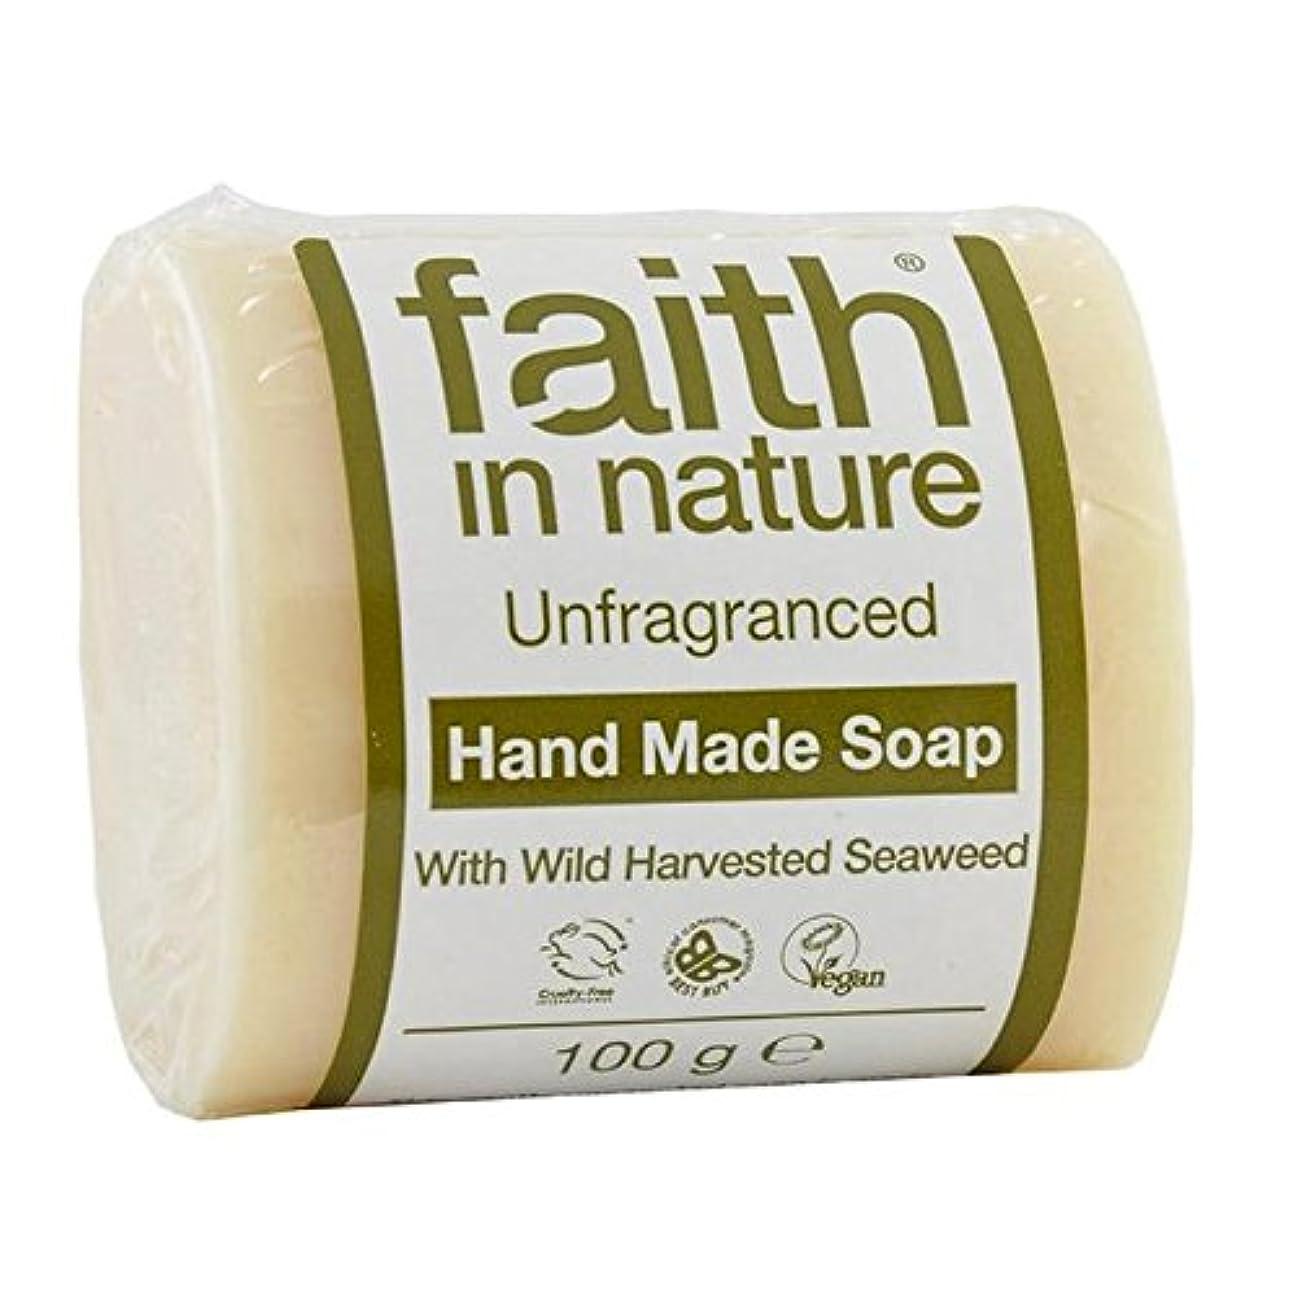 騒々しい論理的バーチャルFaith in Nature Unfragranced Pure Hand Made Soap 100g - (Faith In Nature) 自然の中で信仰は純粋な手作り石鹸100グラムを無香料 [並行輸入品]